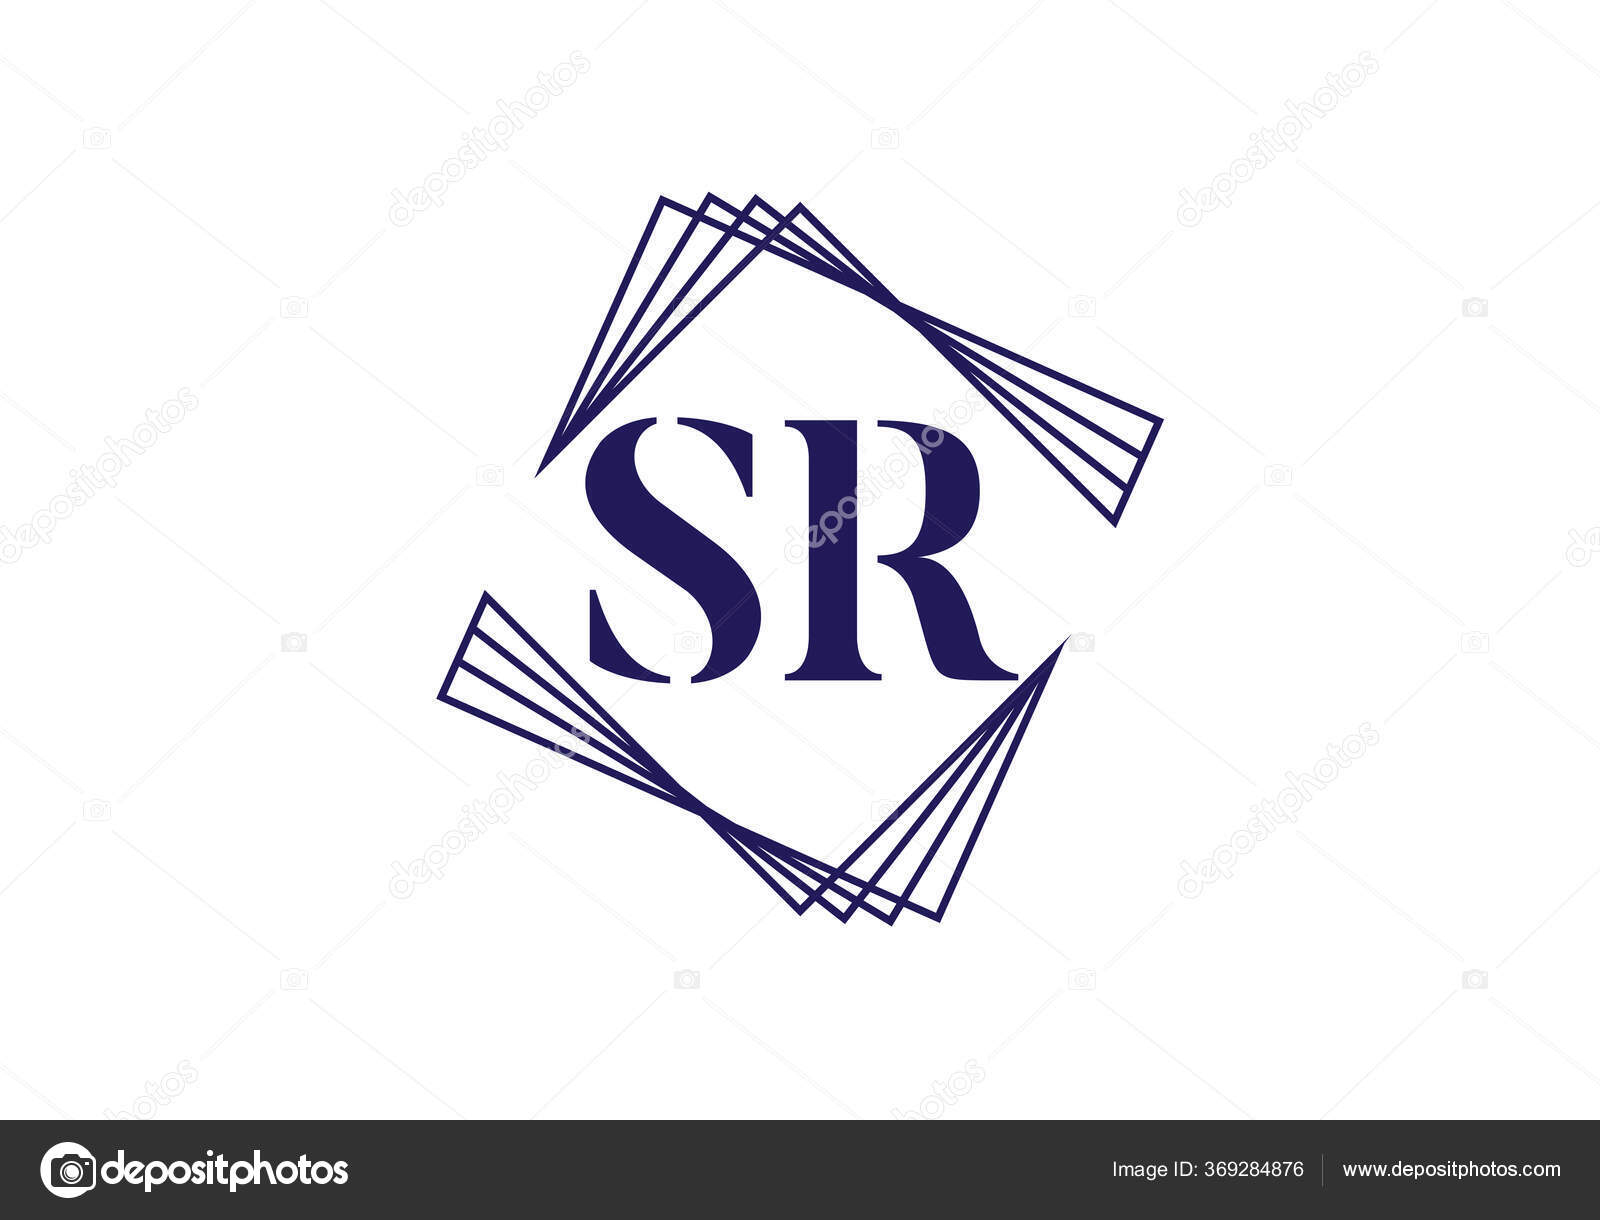 Initial Monogram Letter Logo Design Vector Template Letter Logo Design Stock Vector C Billah99 369284876